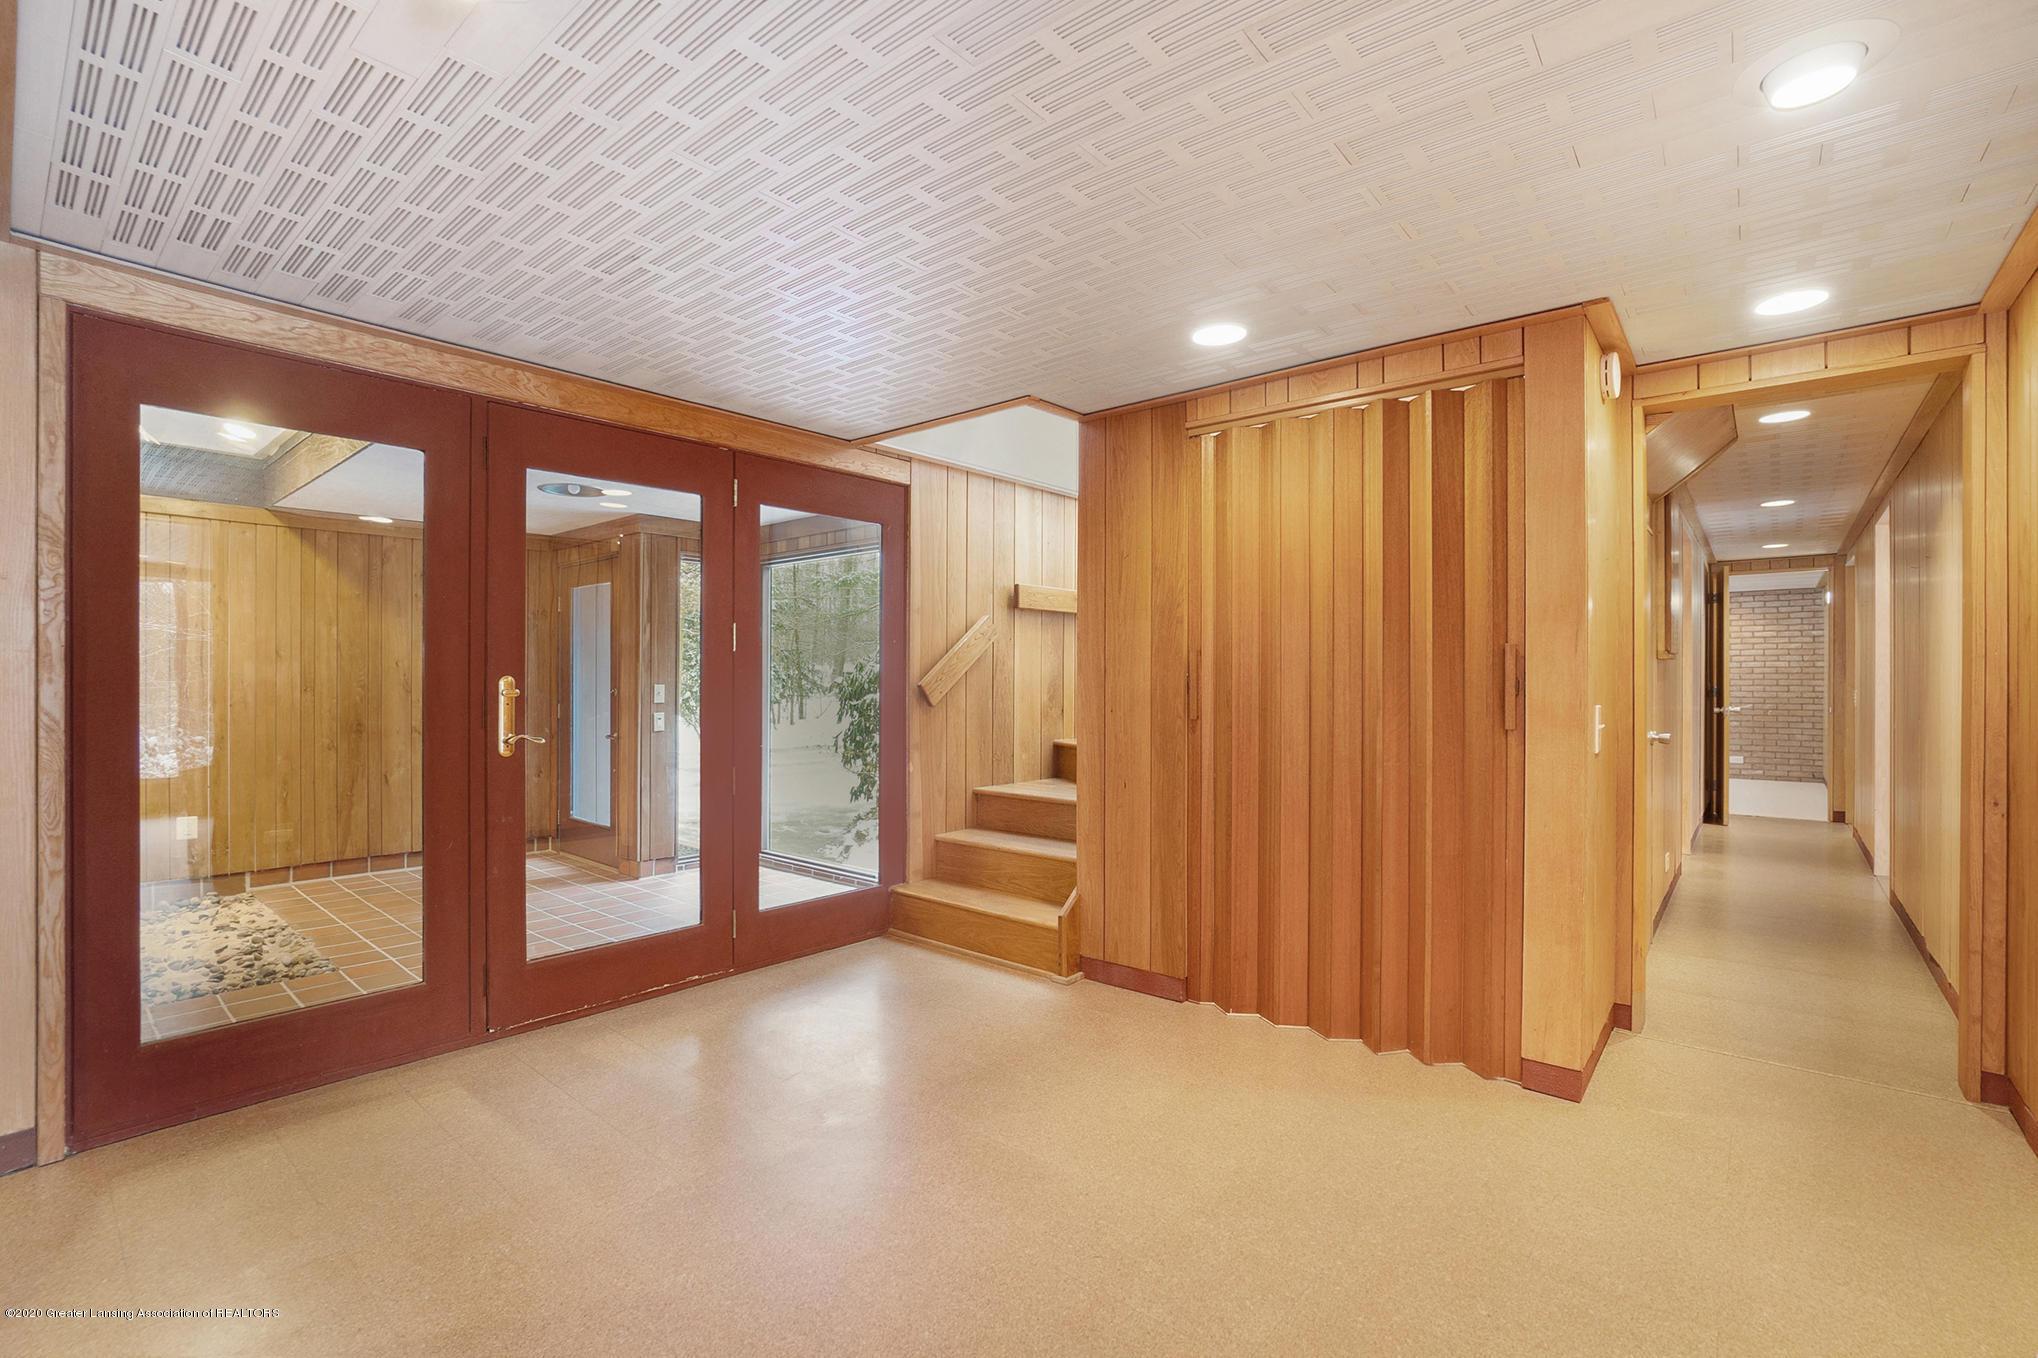 4045 Van Atta Rd - Floor Plan - 26